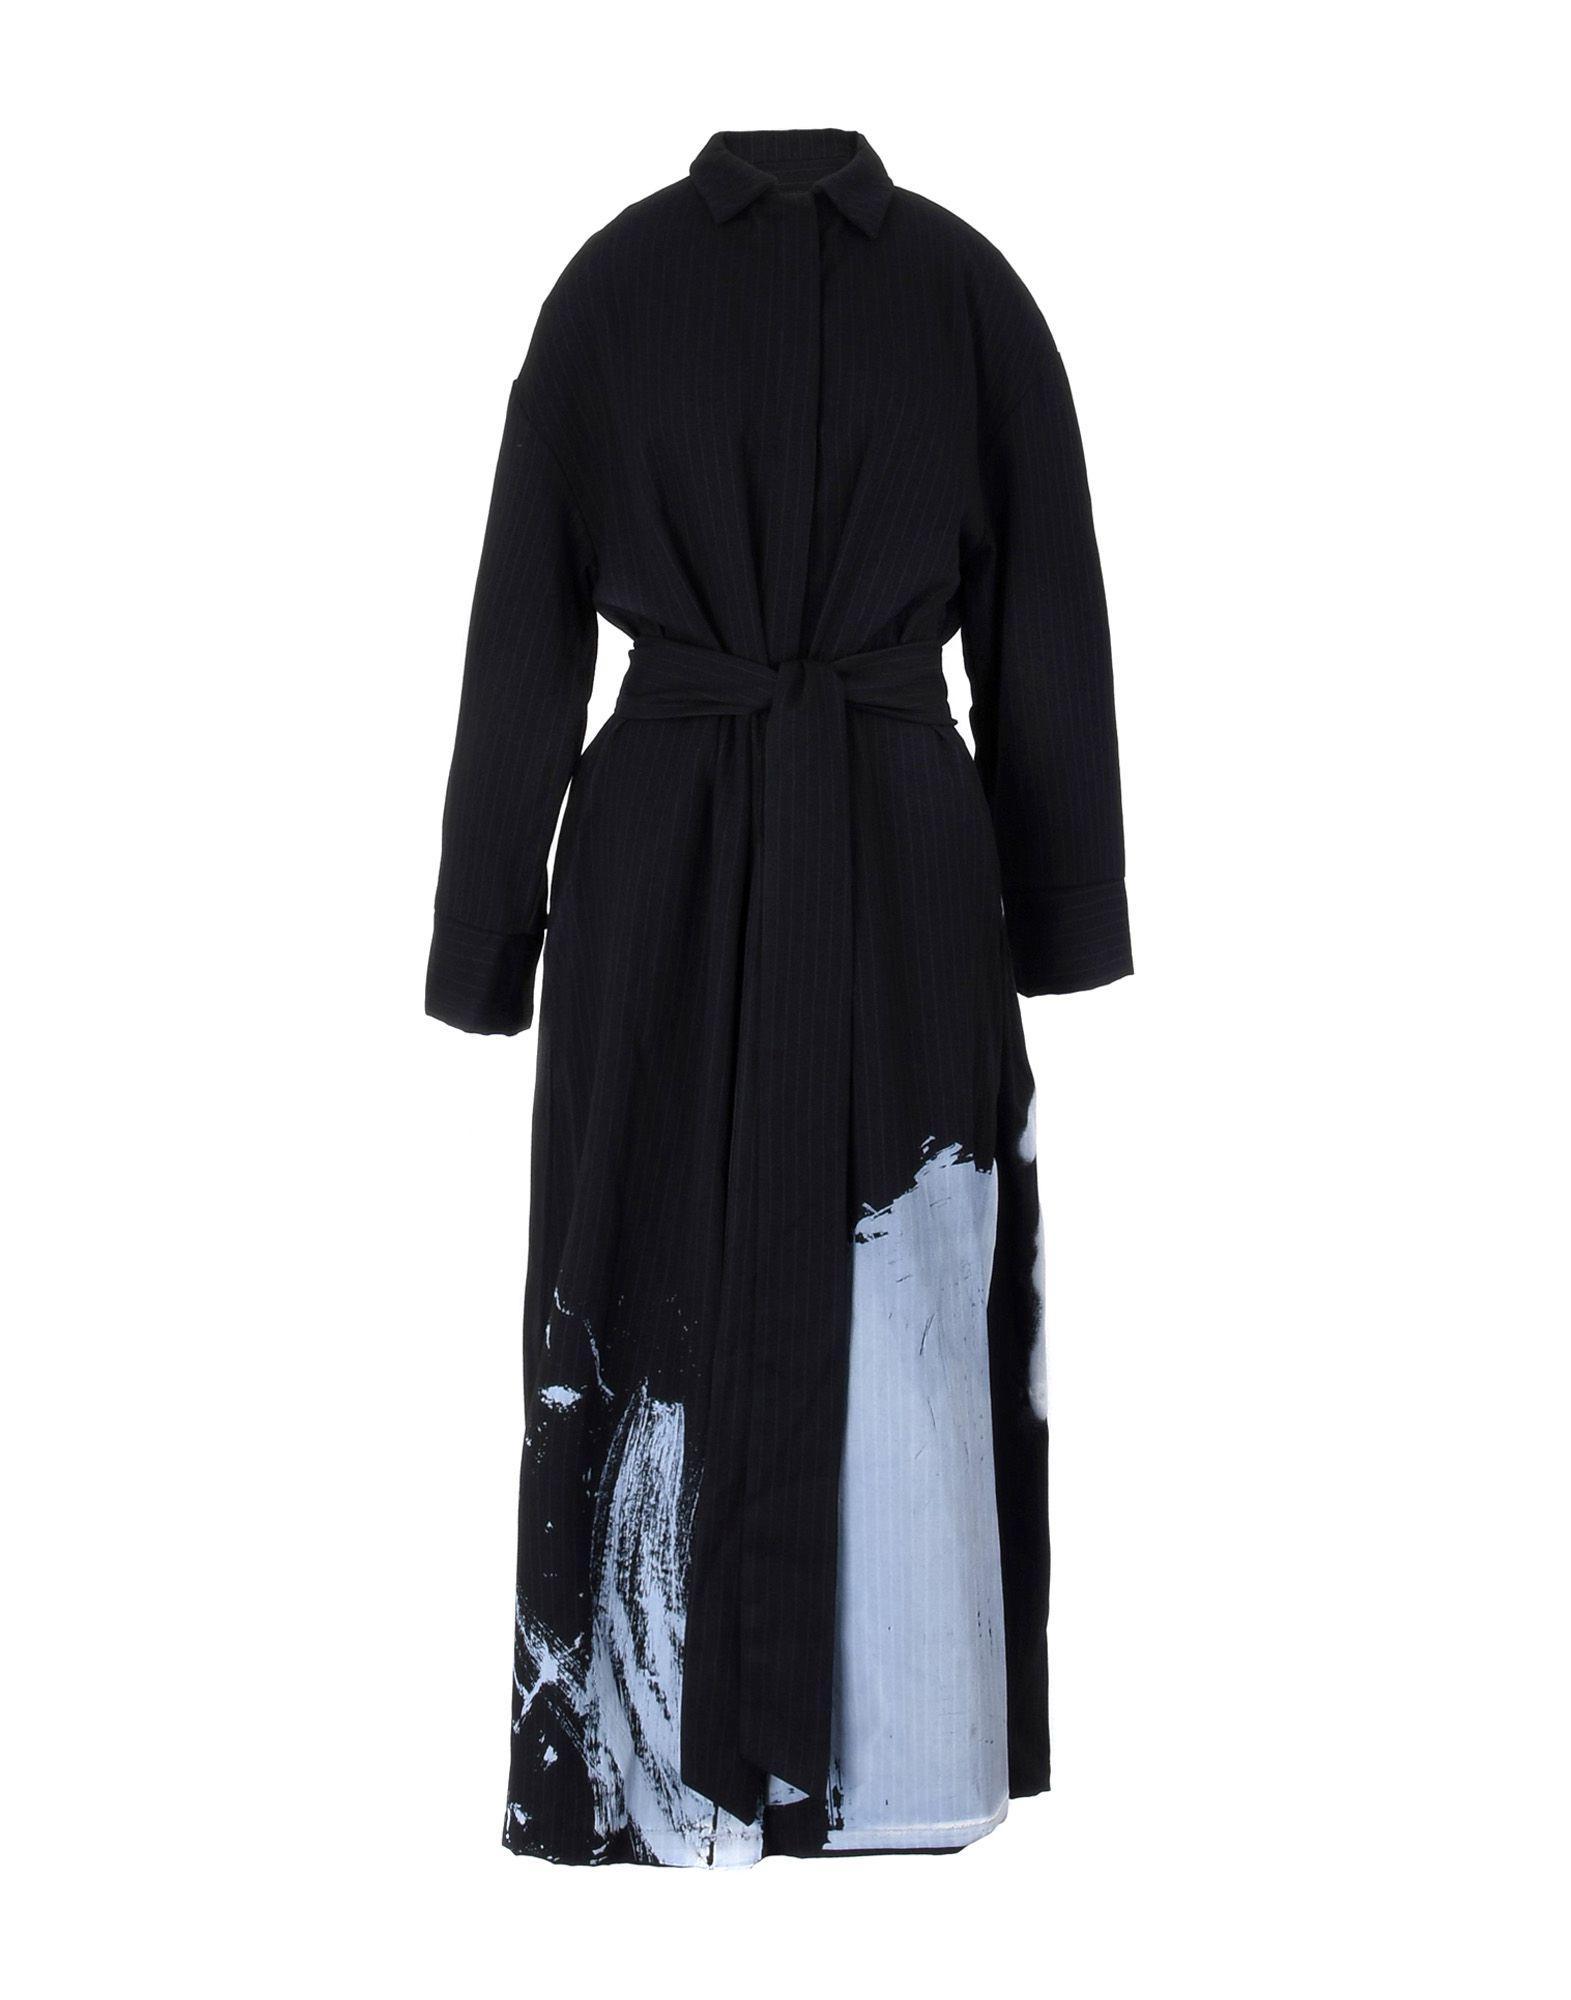 Brashy Coats In Black